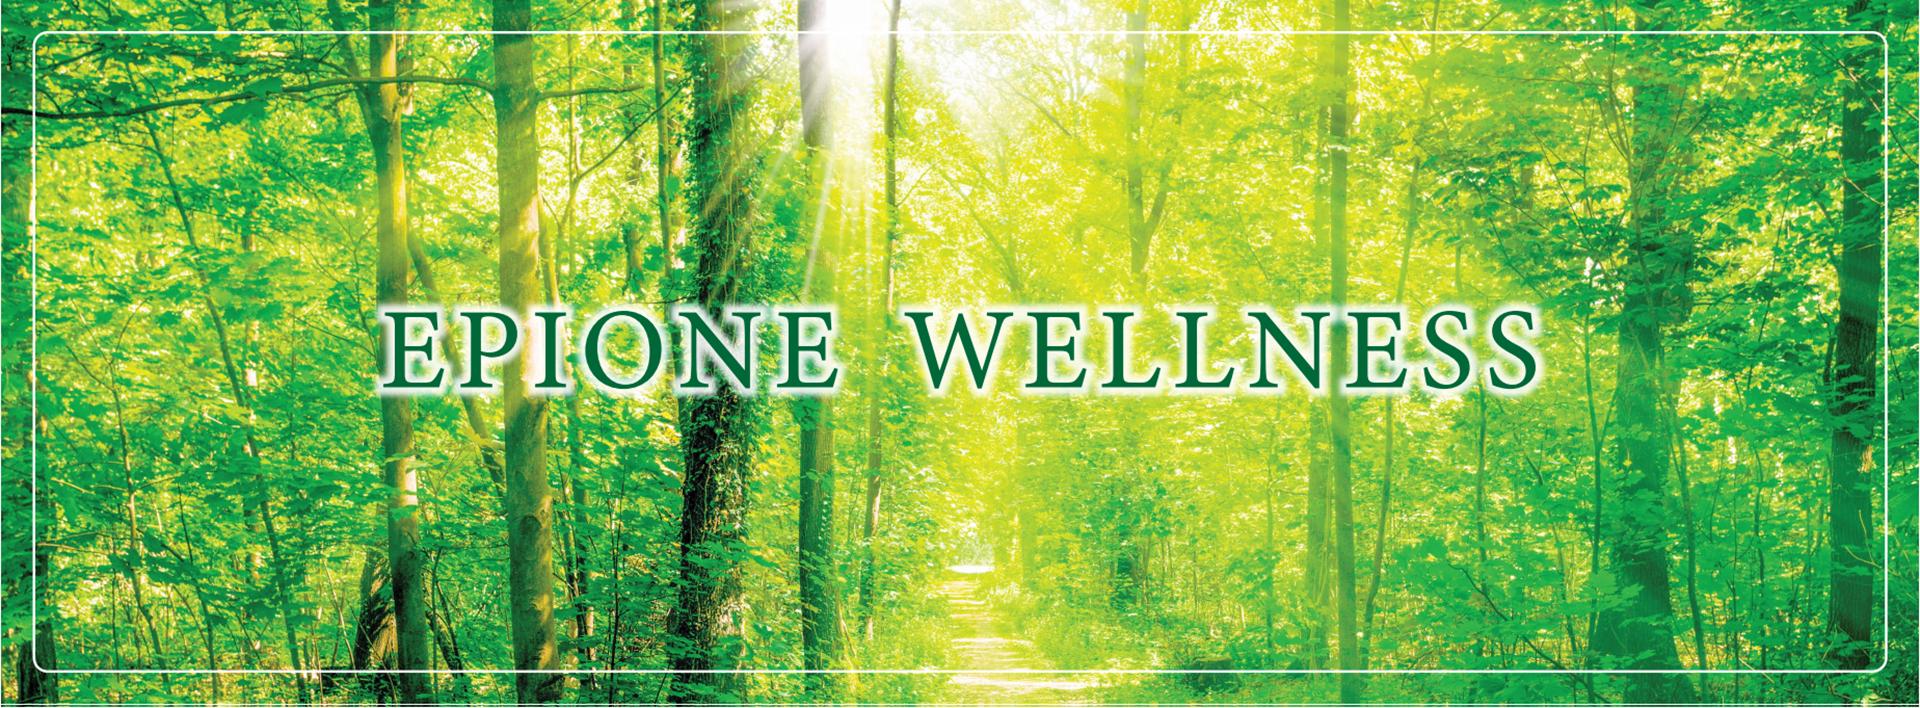 EPIONE WELLNESS,希臘神話,Epione女神,舒緩痛楚,帶來健康,開發及蒐羅優質,天然的健康產品,針對不同的健康問題,旗下產品源於世界各地,日本,瑞士,澳洲,天然的植物元素,科學方法,改善健康